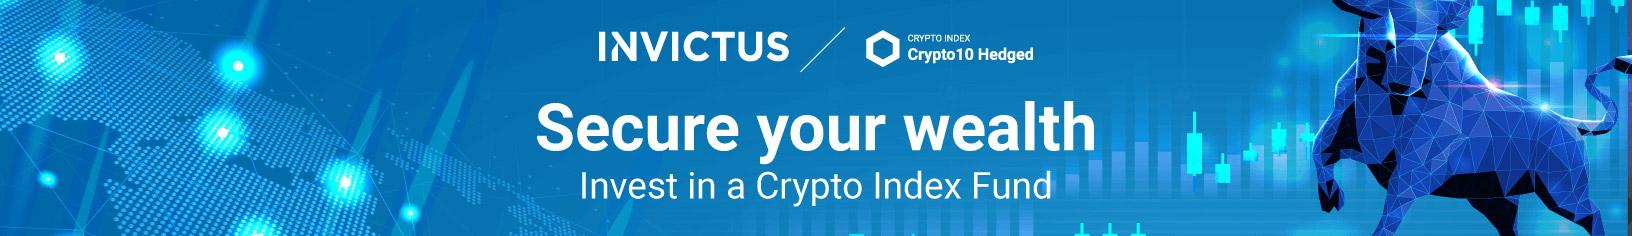 Asegure su patrimonio: invierta en un fondo de índice criptográfico